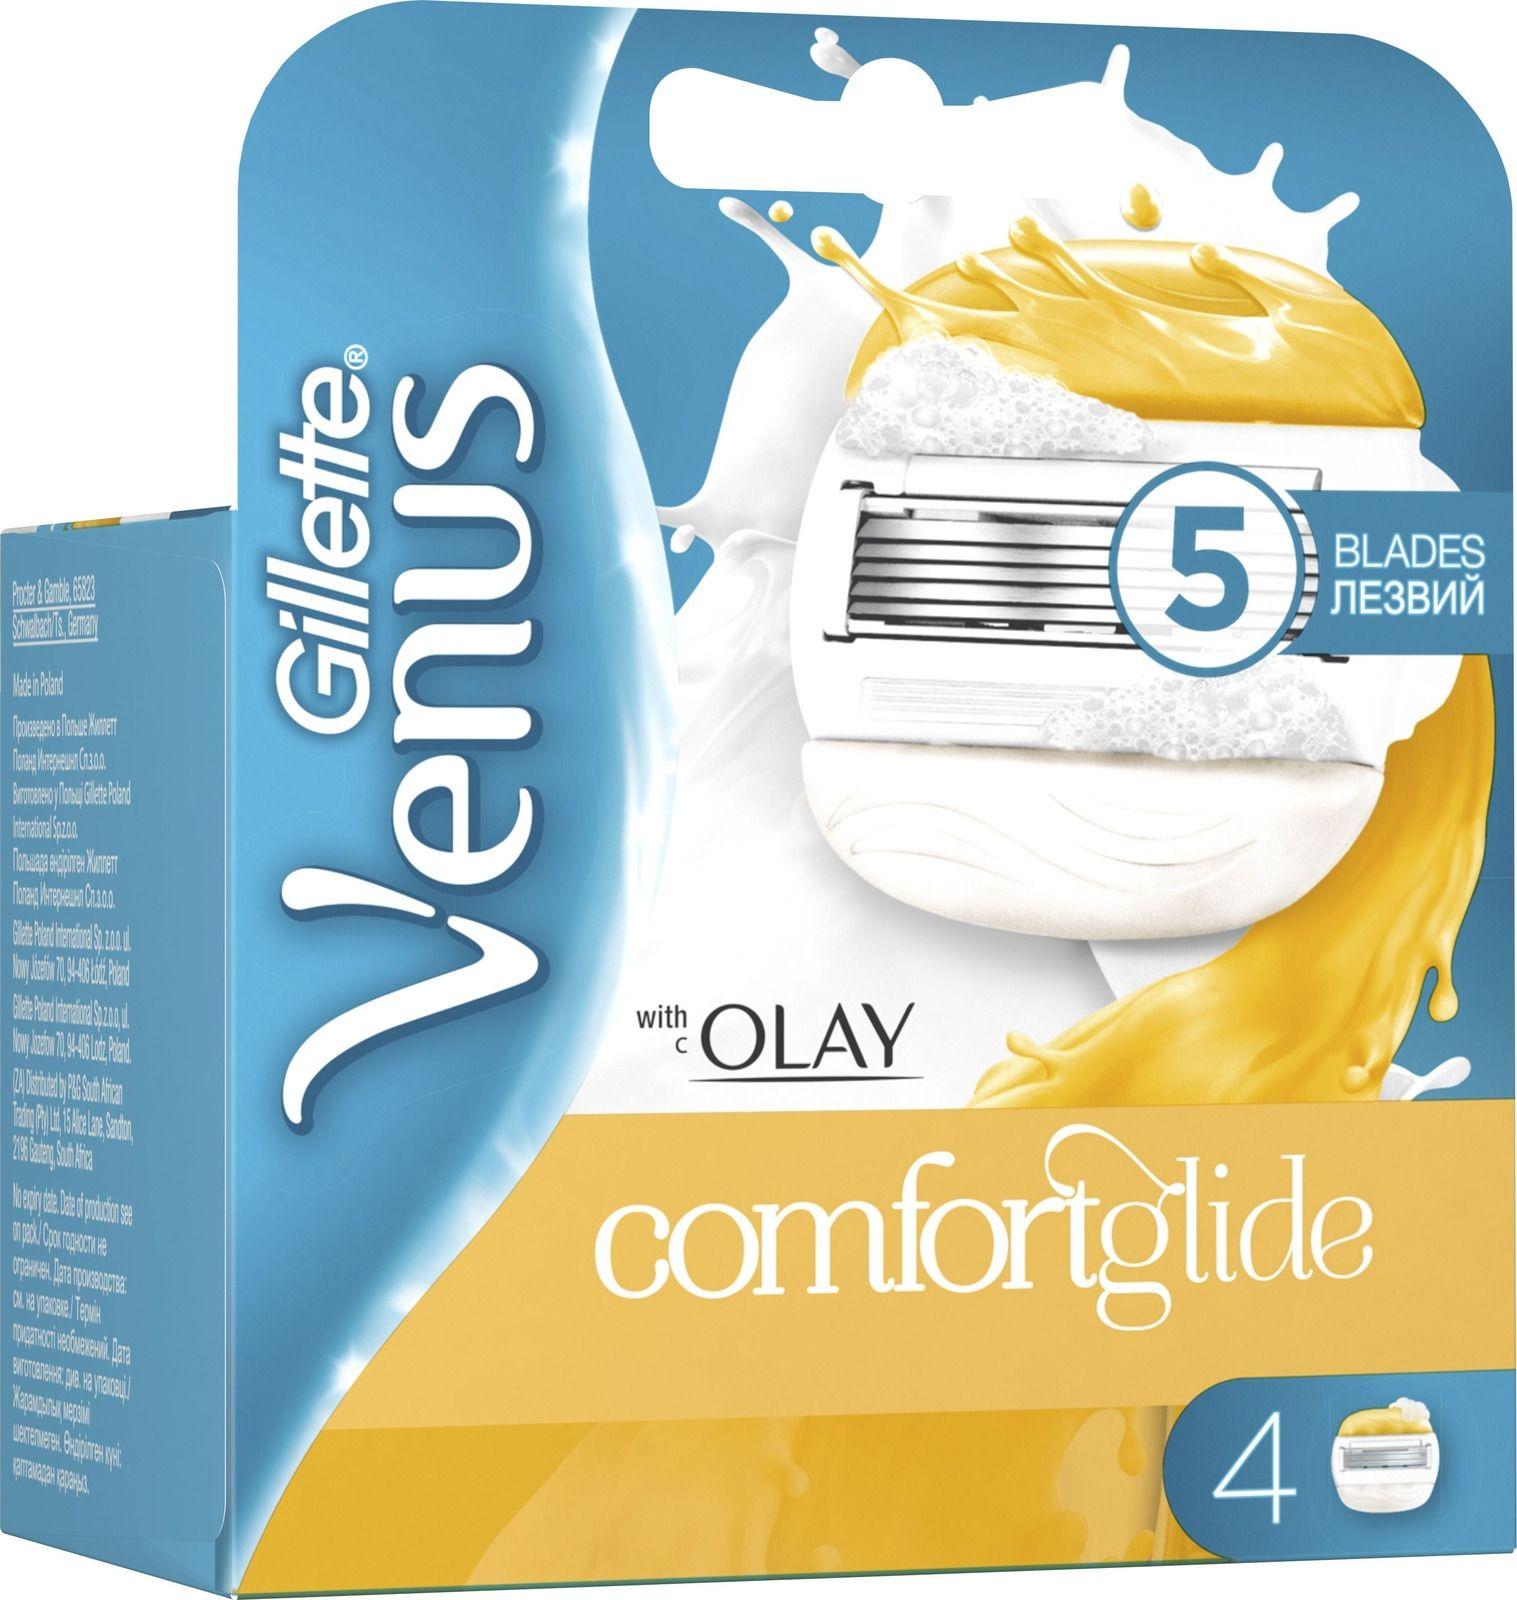 Сменные лезвия Gillette Venus Olay 4 шт olay olay новорожденного пластиковых волокна яна шариковый крем для глаз перо 6ml глаз